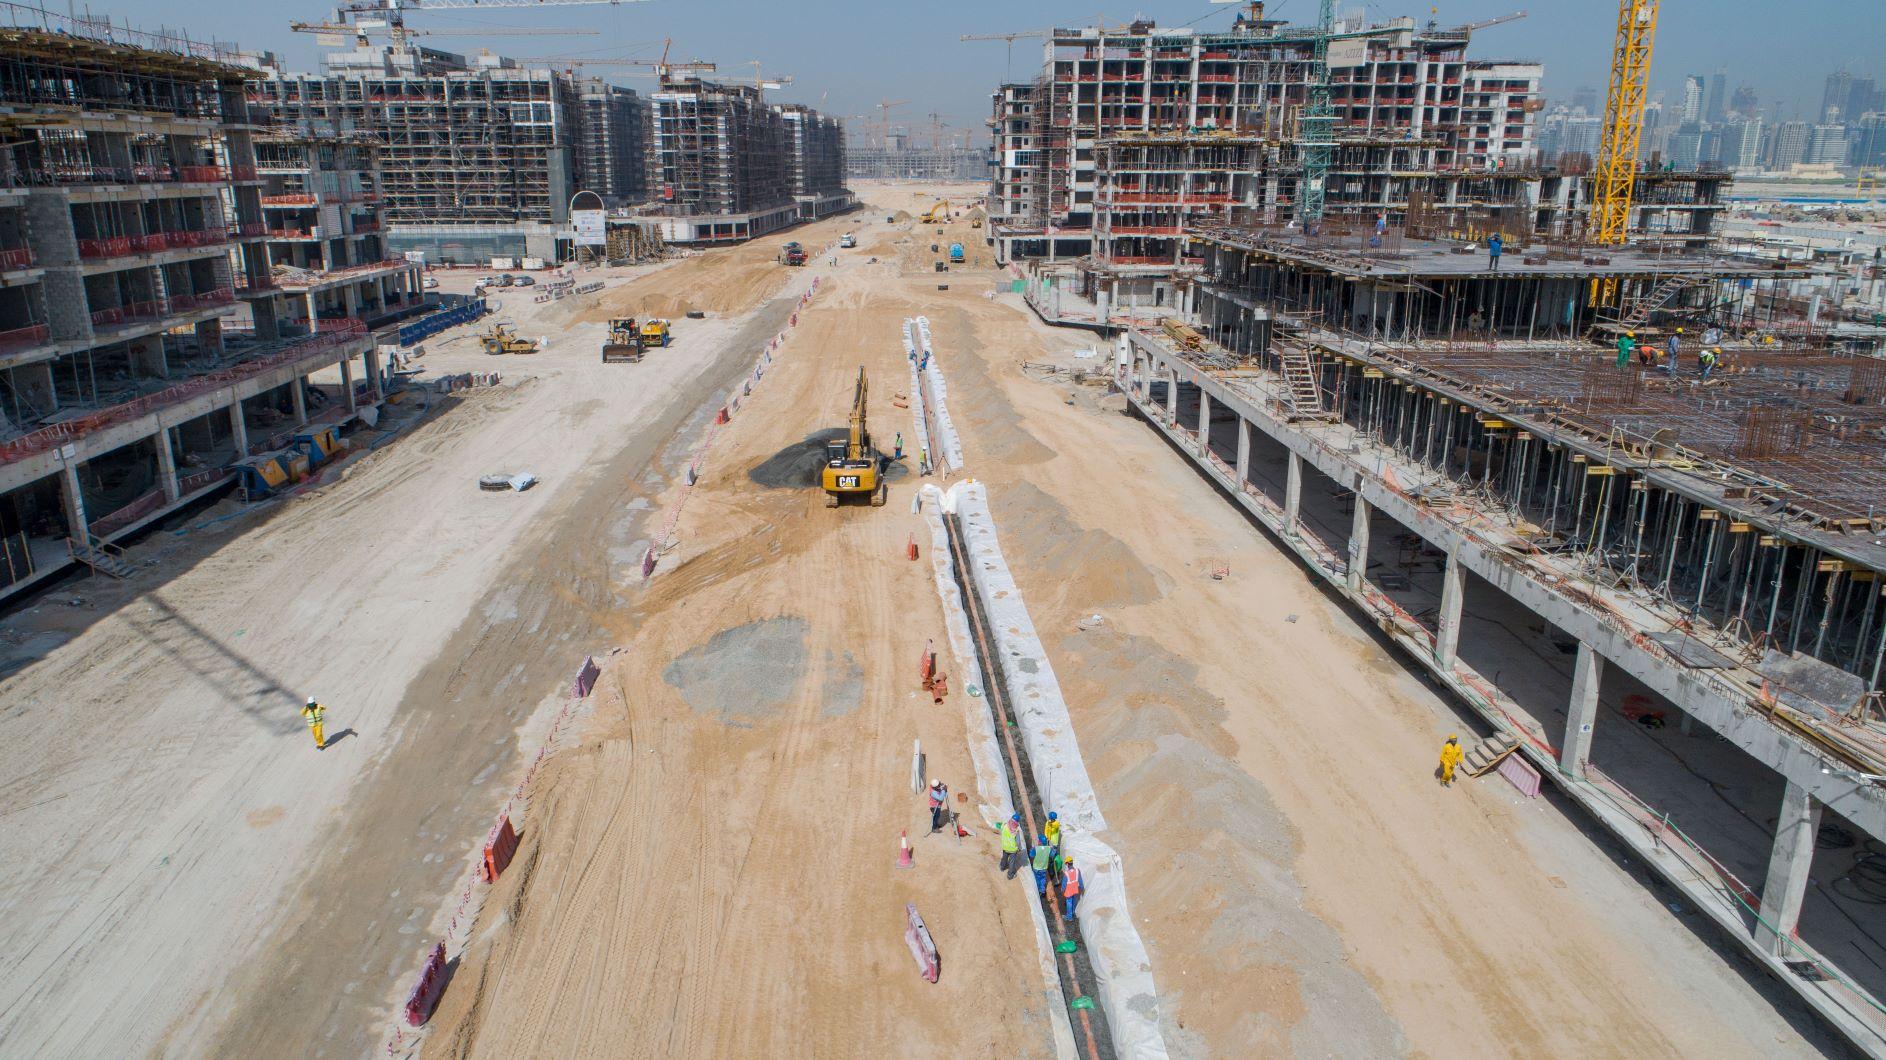 عزيزي للتطوير العقاري تحرز تقدم سريع في أعمال البنية التحتية لمدينة محمد بن راشد